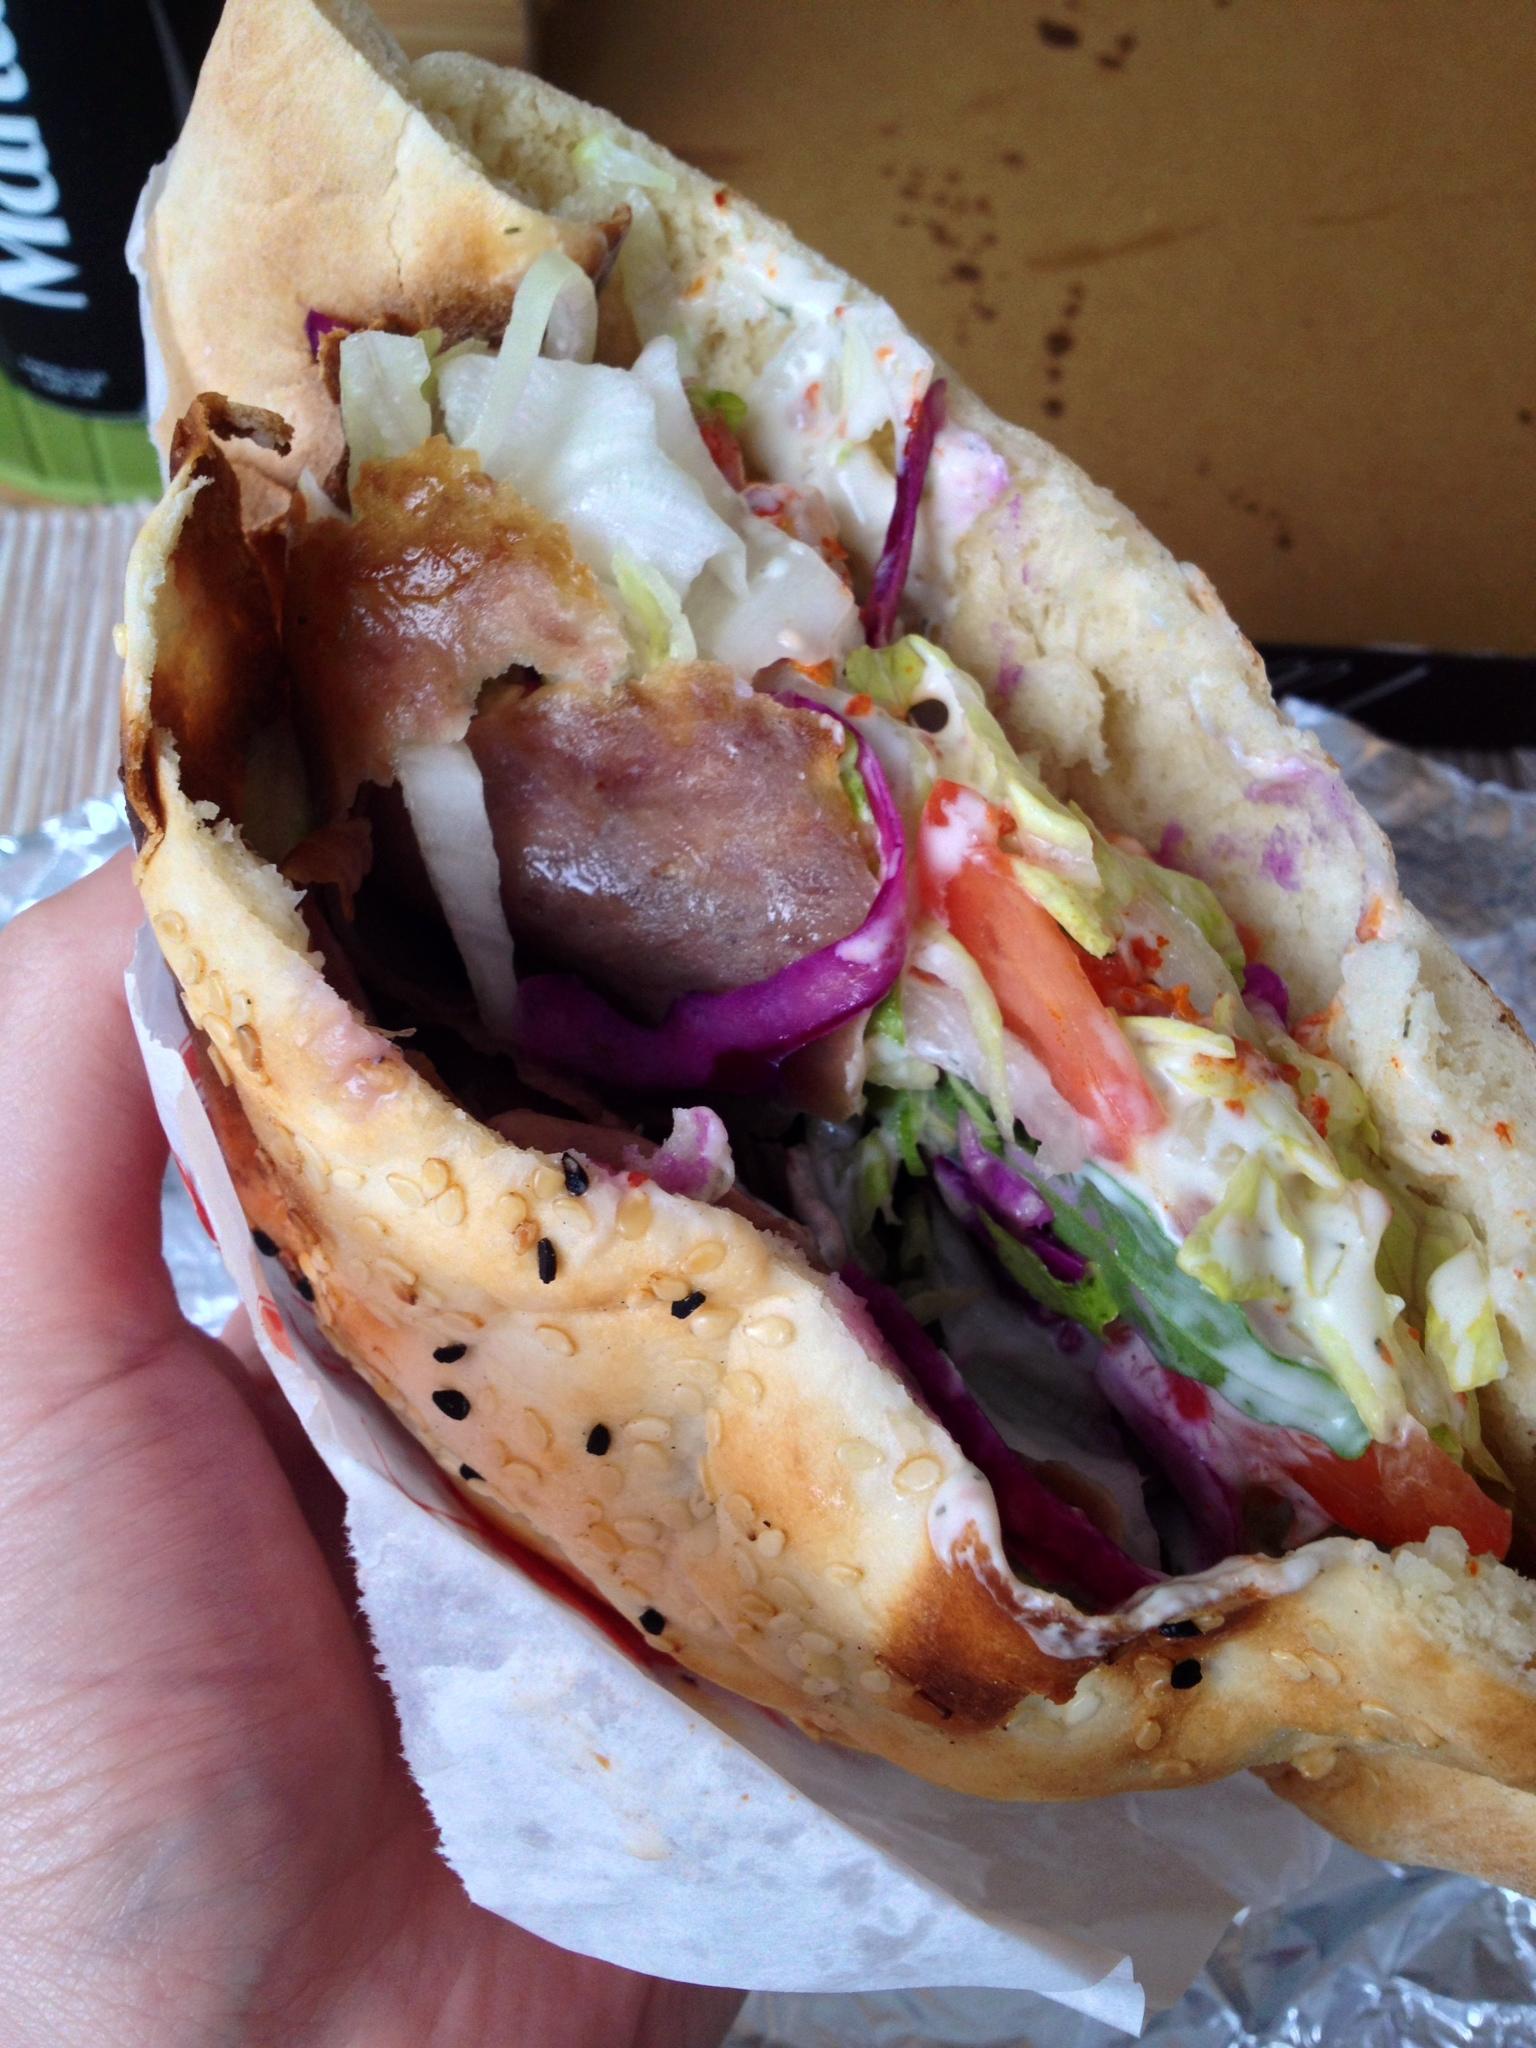 My favorite döner kebab at Nur Kebap & Pizza.